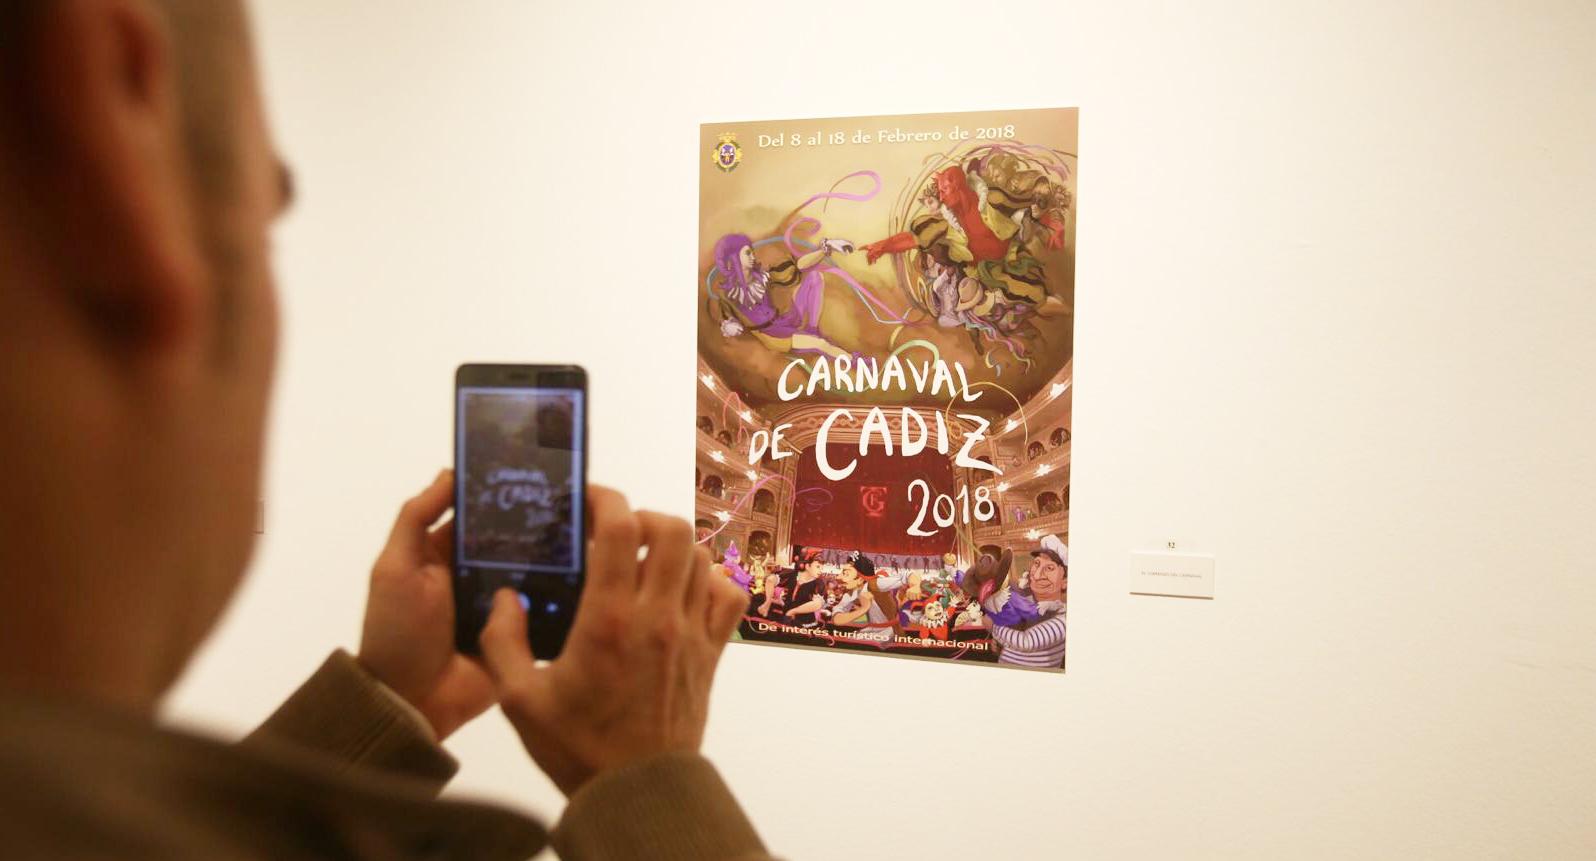 El Carnaval de Cádiz 2018 ya tiene cartel